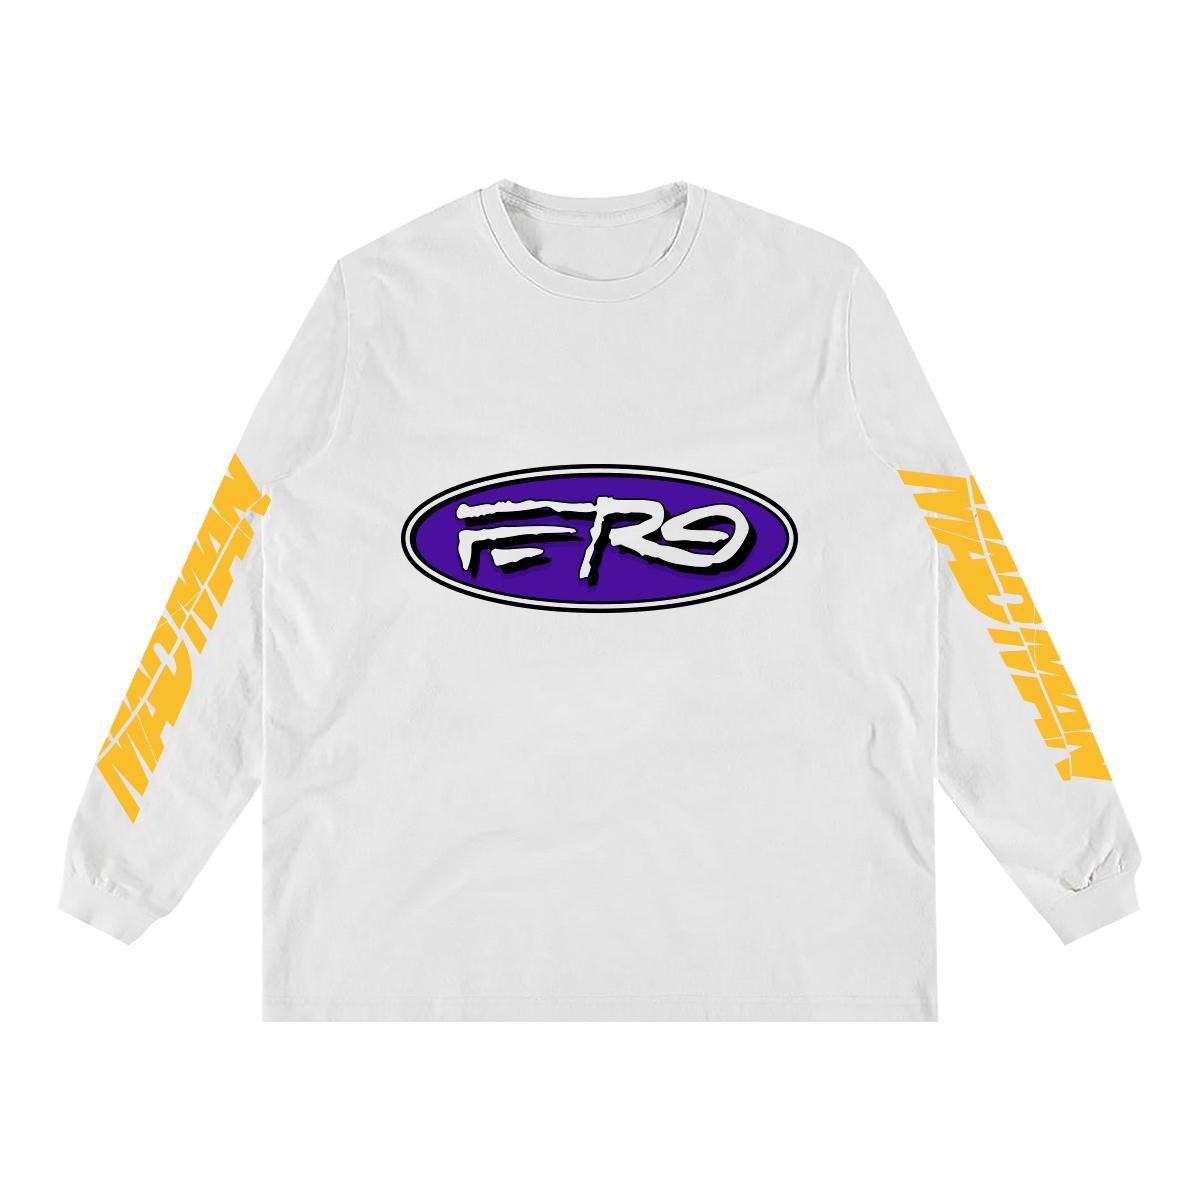 A$AP Ferg LS Tour T-shirt